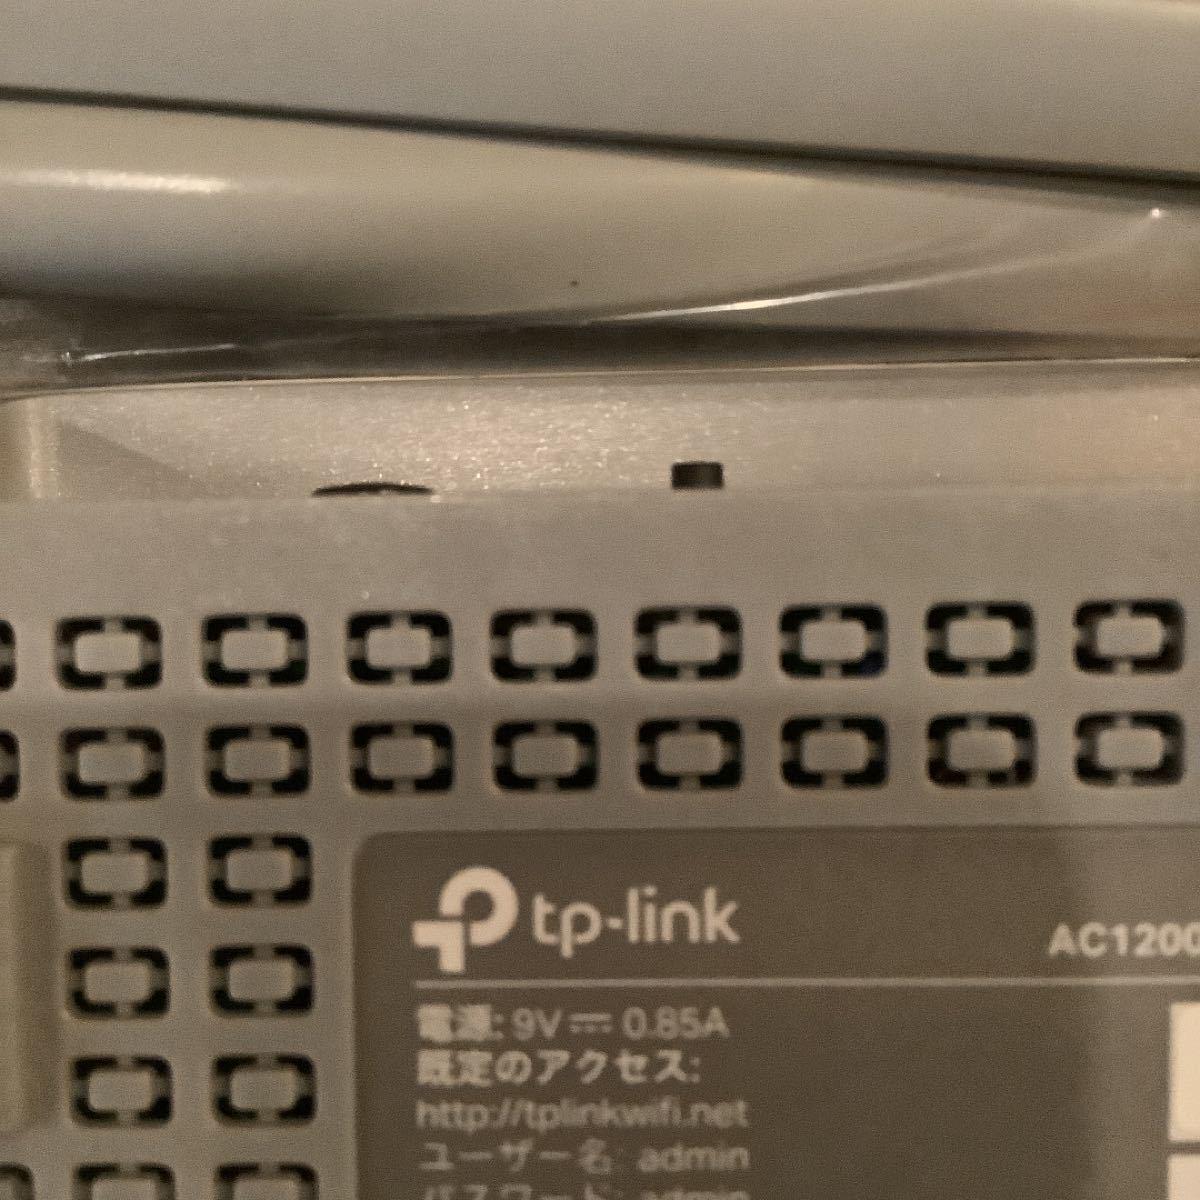 無線LANルーター wi-if tp-link